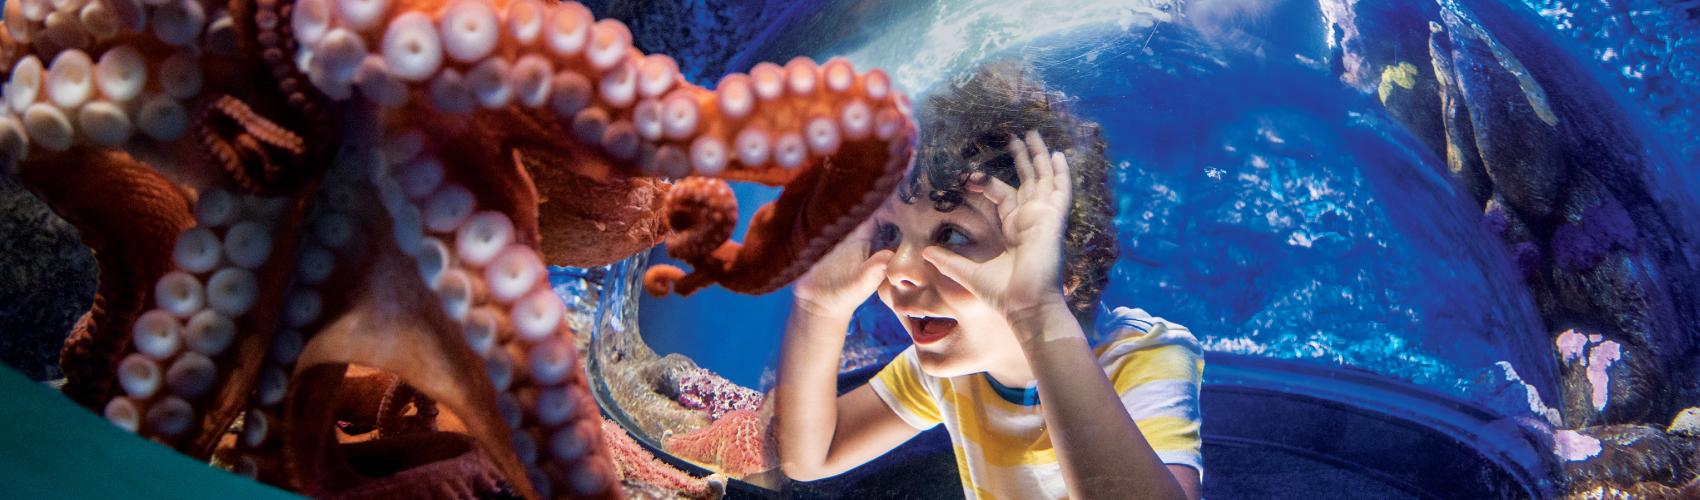 SeaWorld - Dicas de atividades para fazer em casa